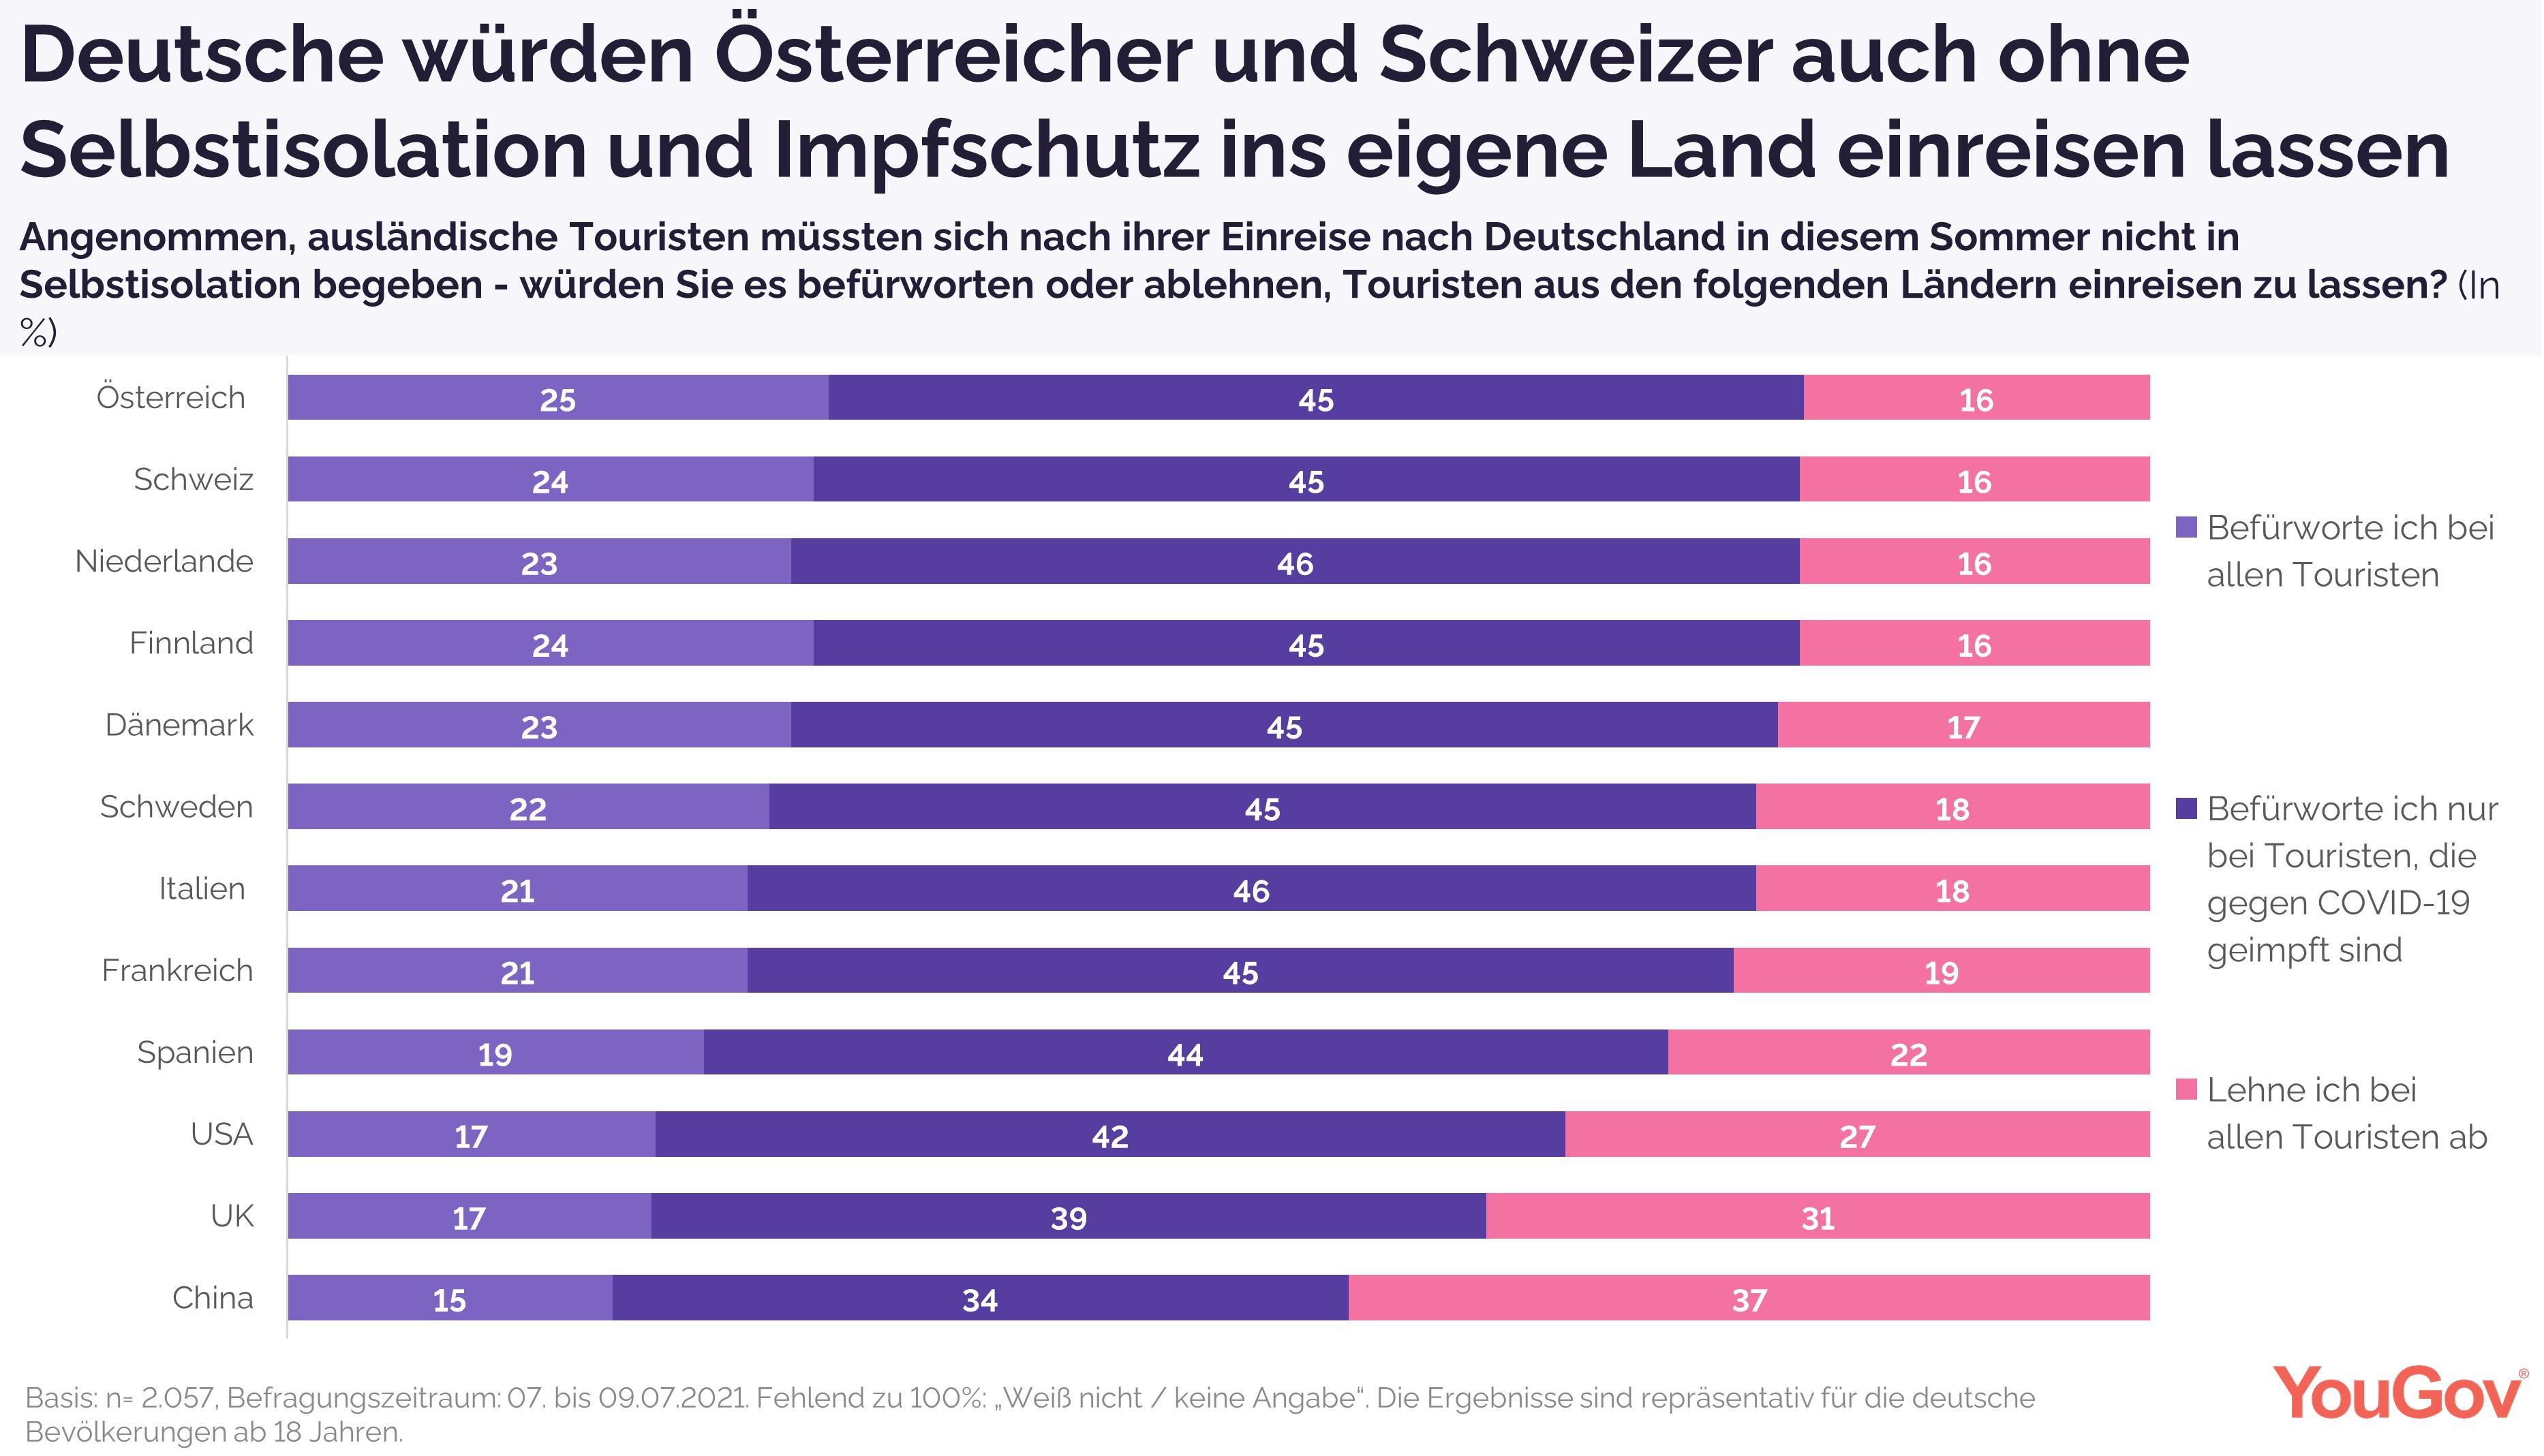 Welche Touristen würden Deutschen am ehesten ins eigene Land lassen?